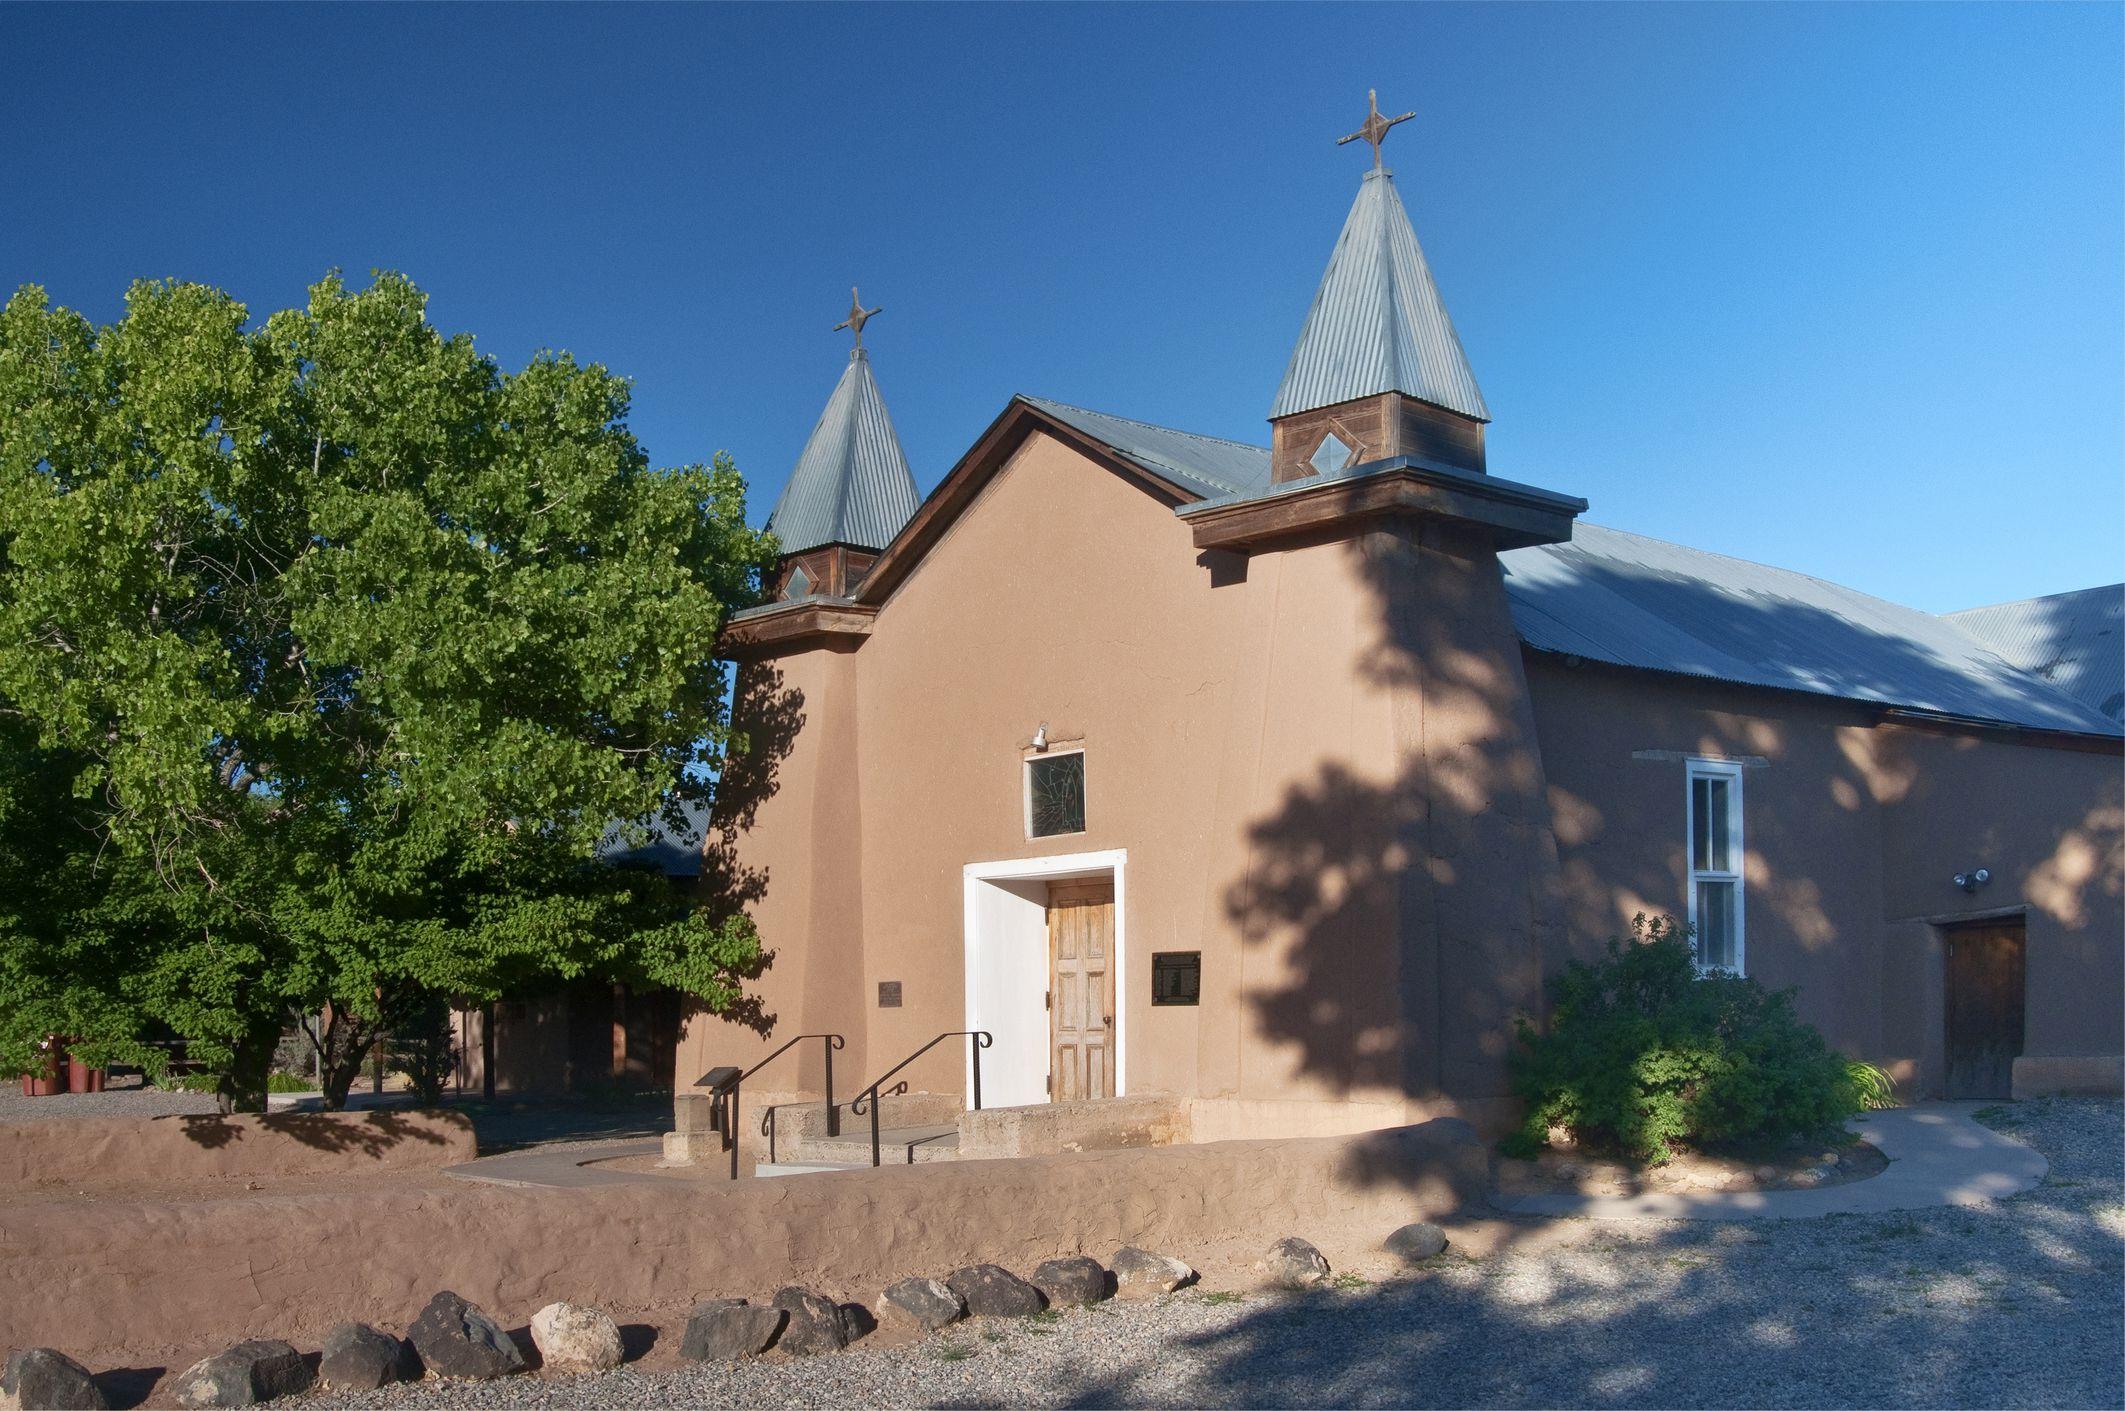 Corrales, New Mexico Neighborhood Profile